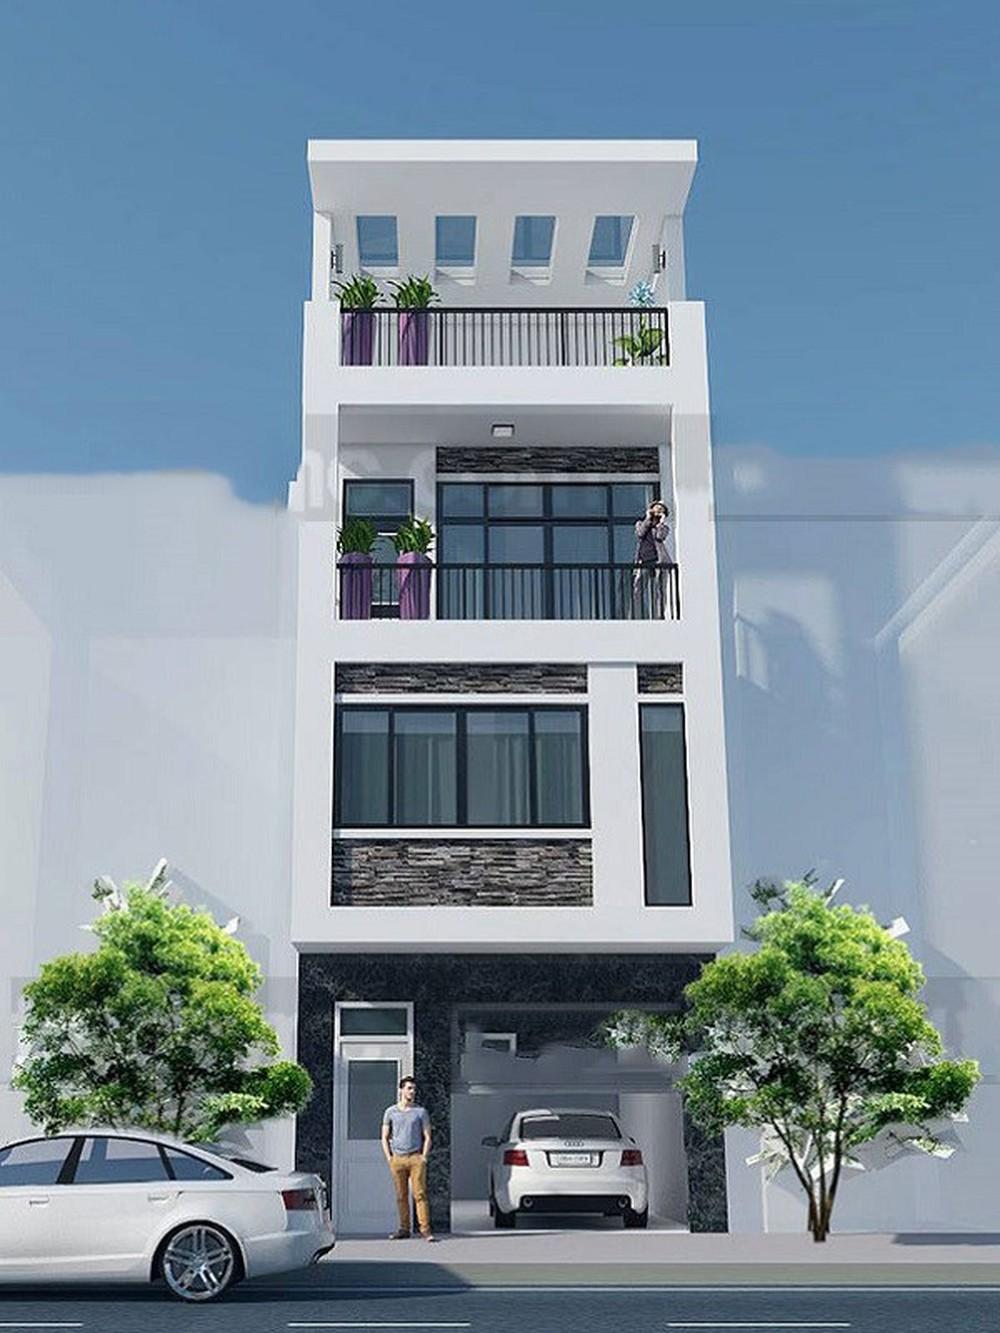 Một trong những nguyên tắc cơ bản khi xây dựng tầng hầm nhà phố chính là đảm bảo cung cấp đủ ánh sáng và không khí để tạo đối lưu